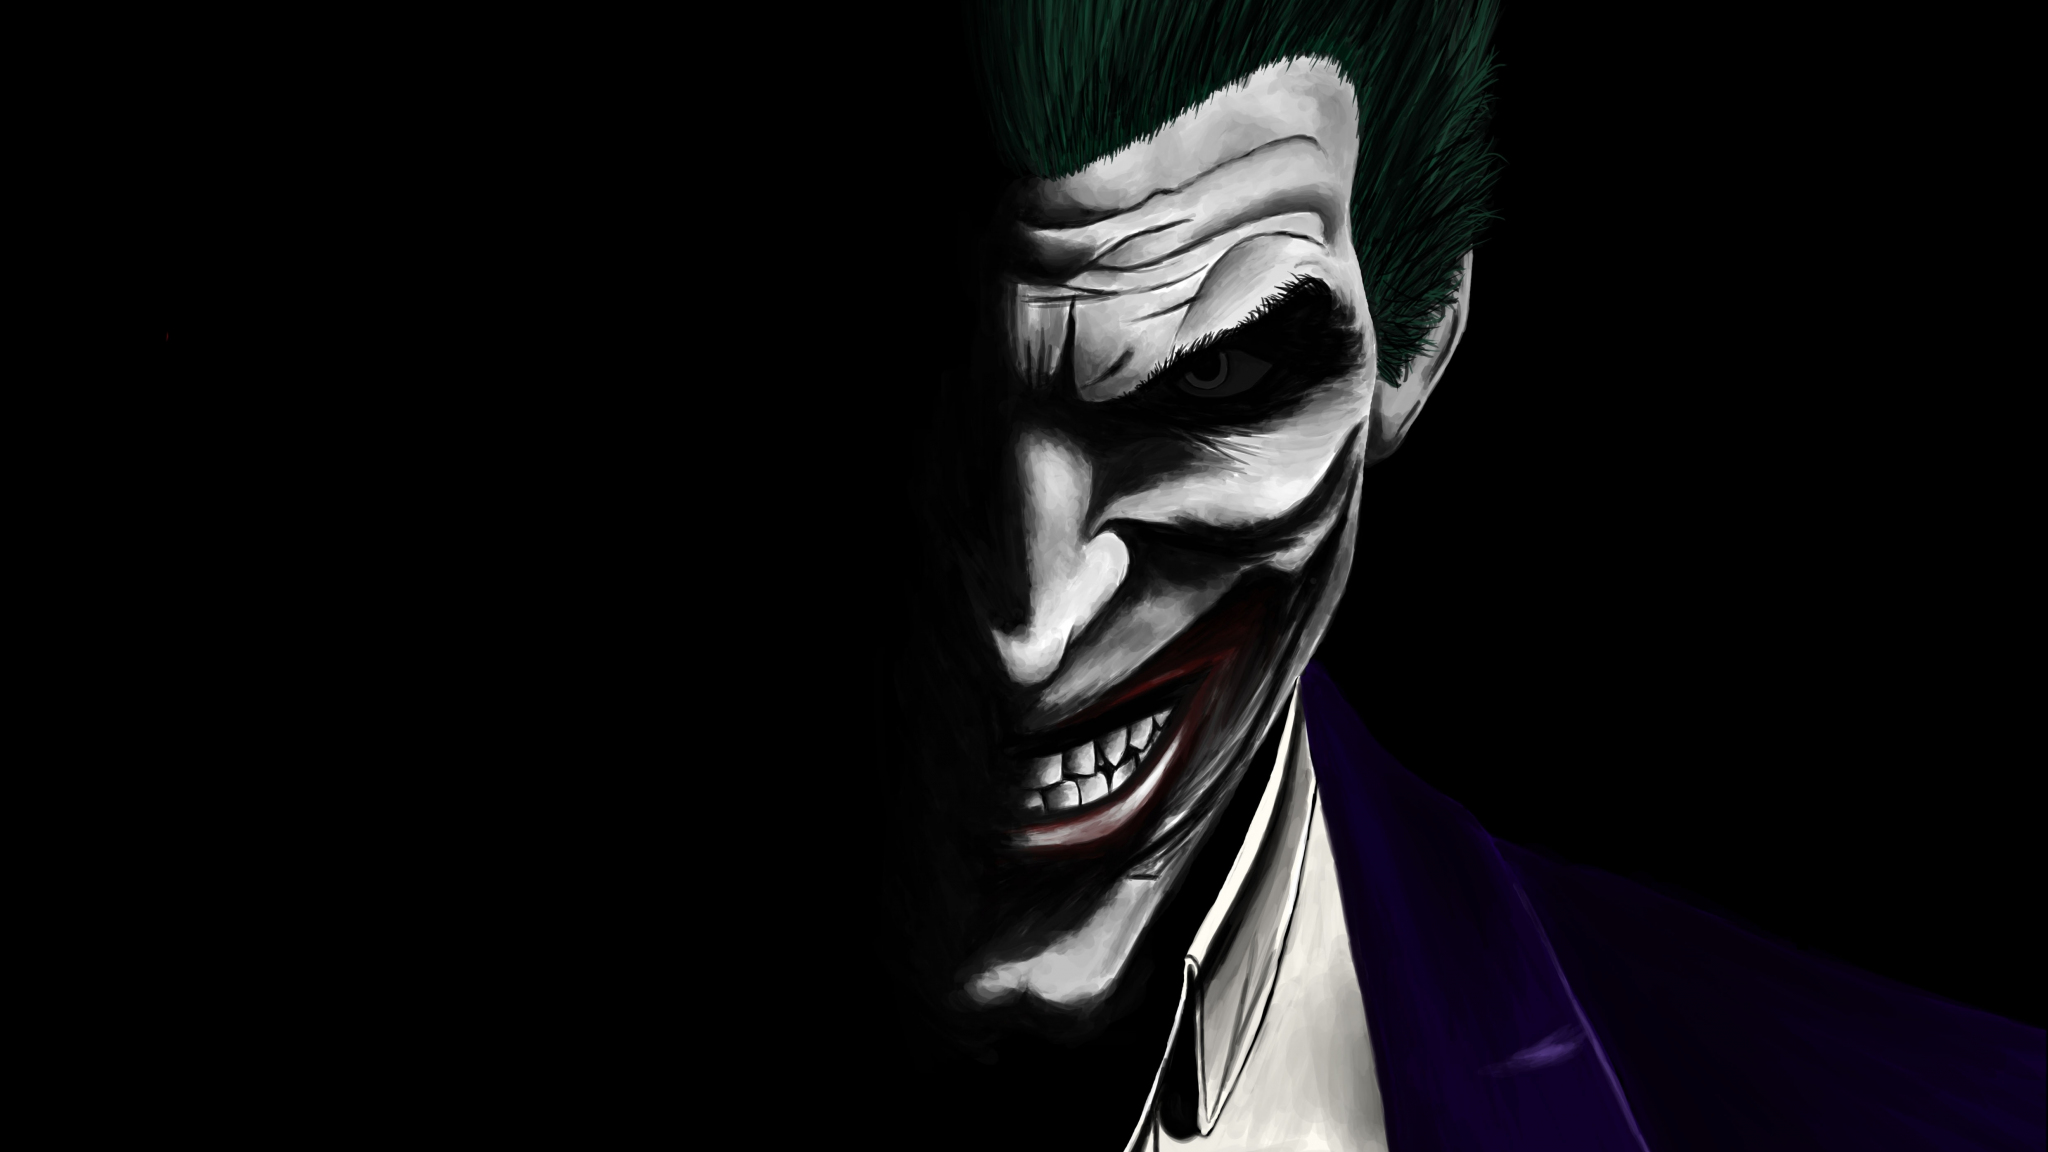 Download 2048x1152 wallpaper joker, dark, dc comics ...